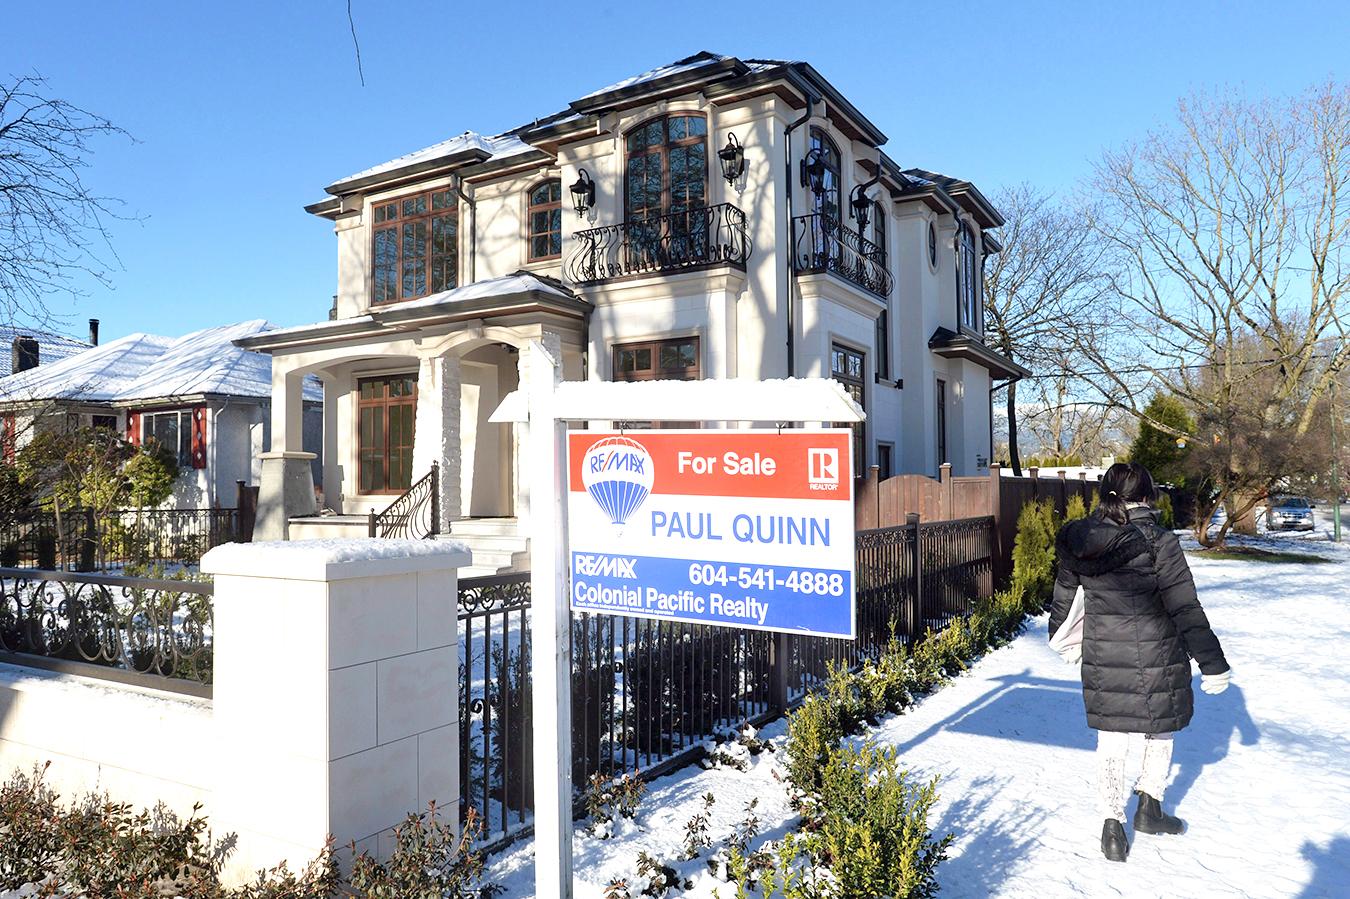 目前,溫哥華買獨立屋的家庭收入得23萬多,多倫多得15萬多,很多人買不起,望房興嘆。(加通社)